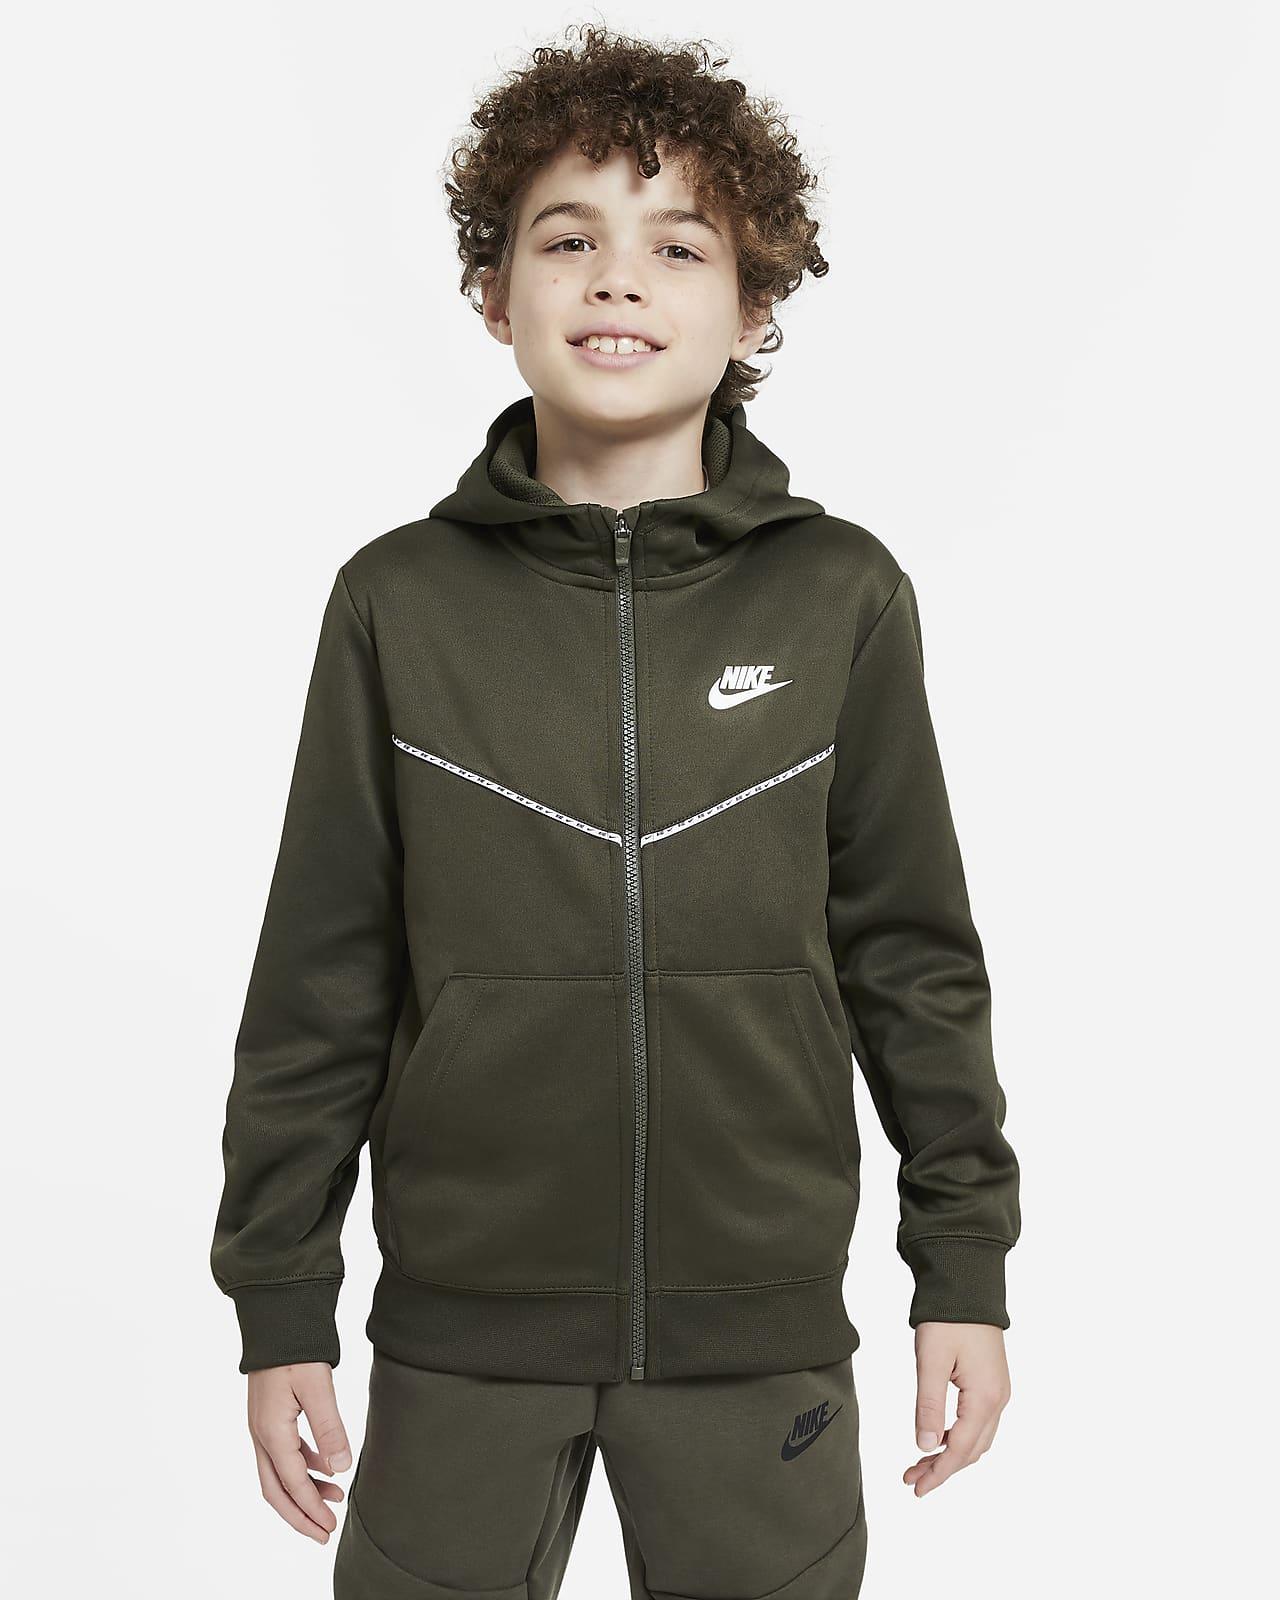 Nike Sportswear Sudadera con capucha con cremallera de entrenamiento - Niño